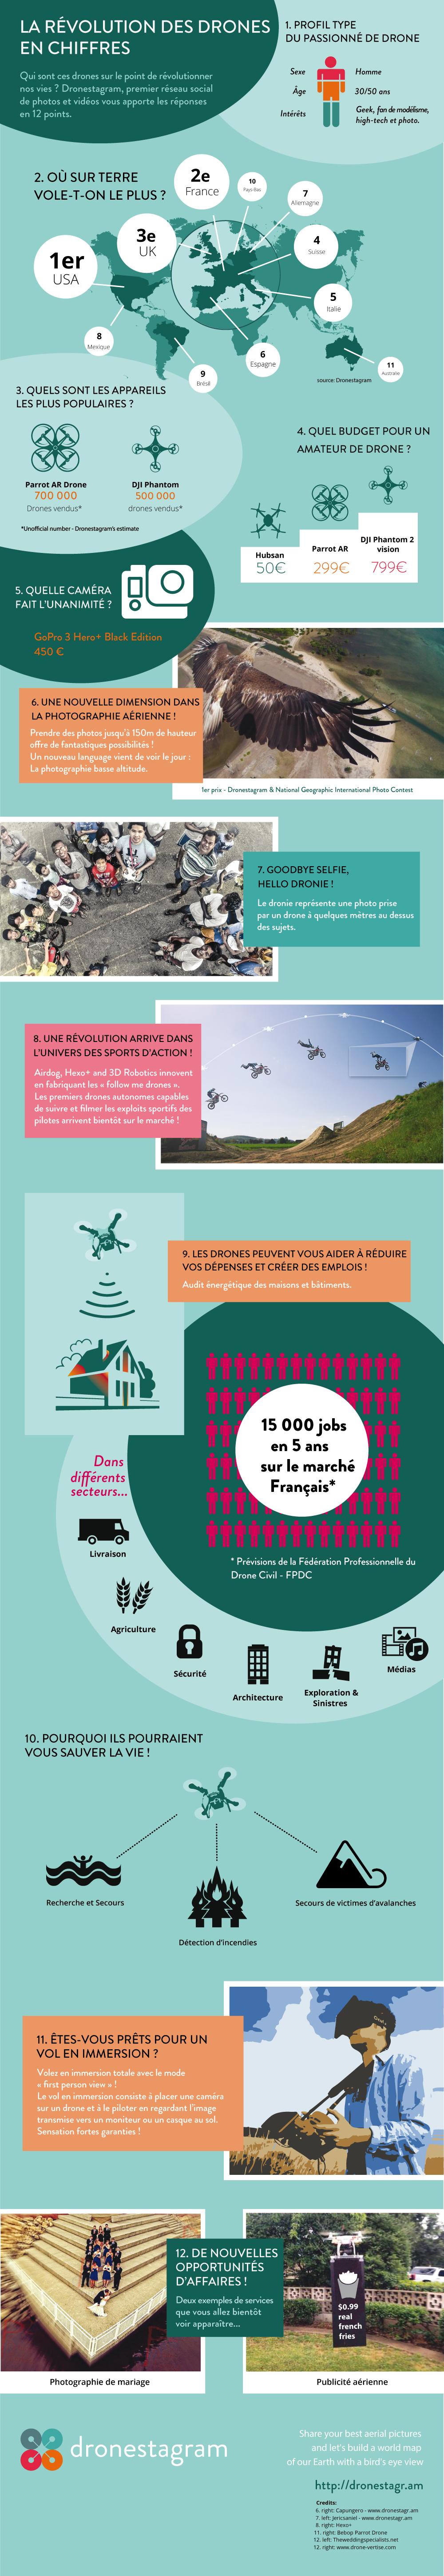 La révolution des drones en chiffres (infographie)